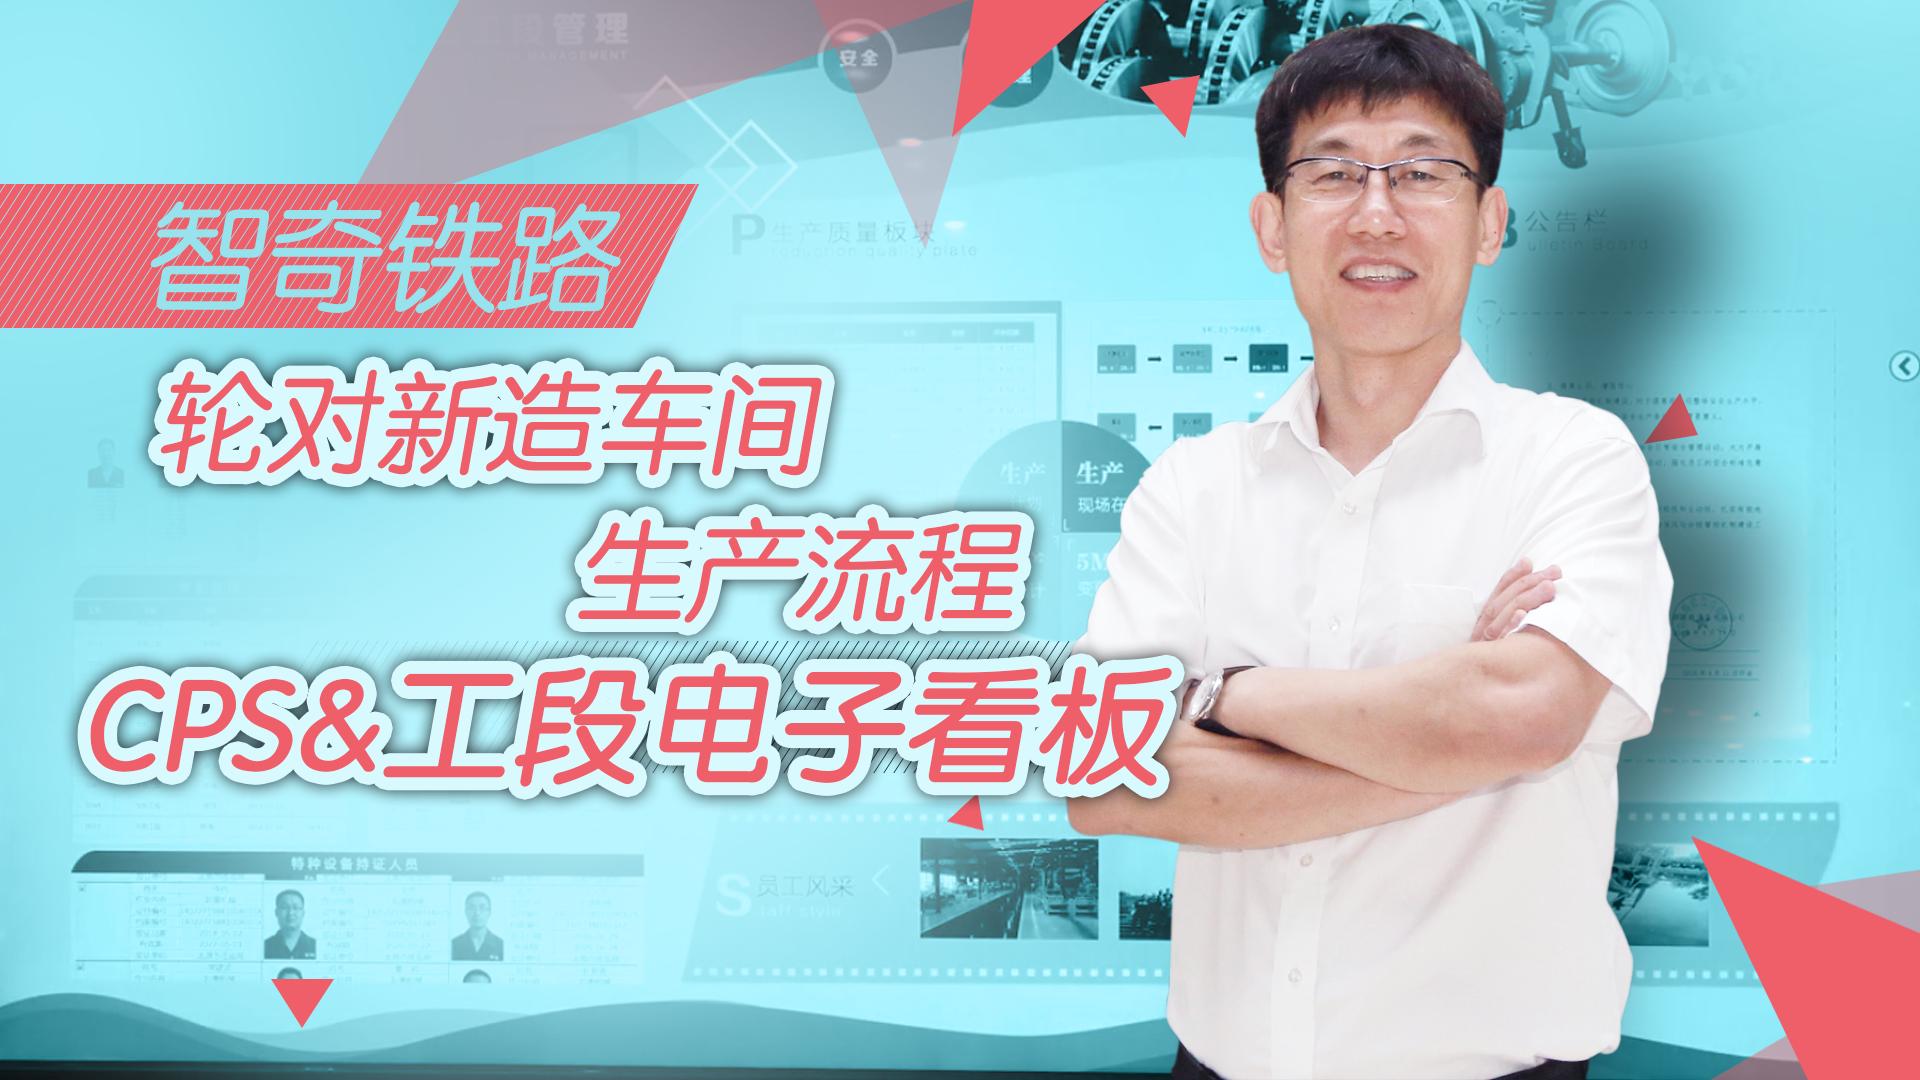 智奇鐵路_輪對新造車間生產流程-CPS&工段電子看板